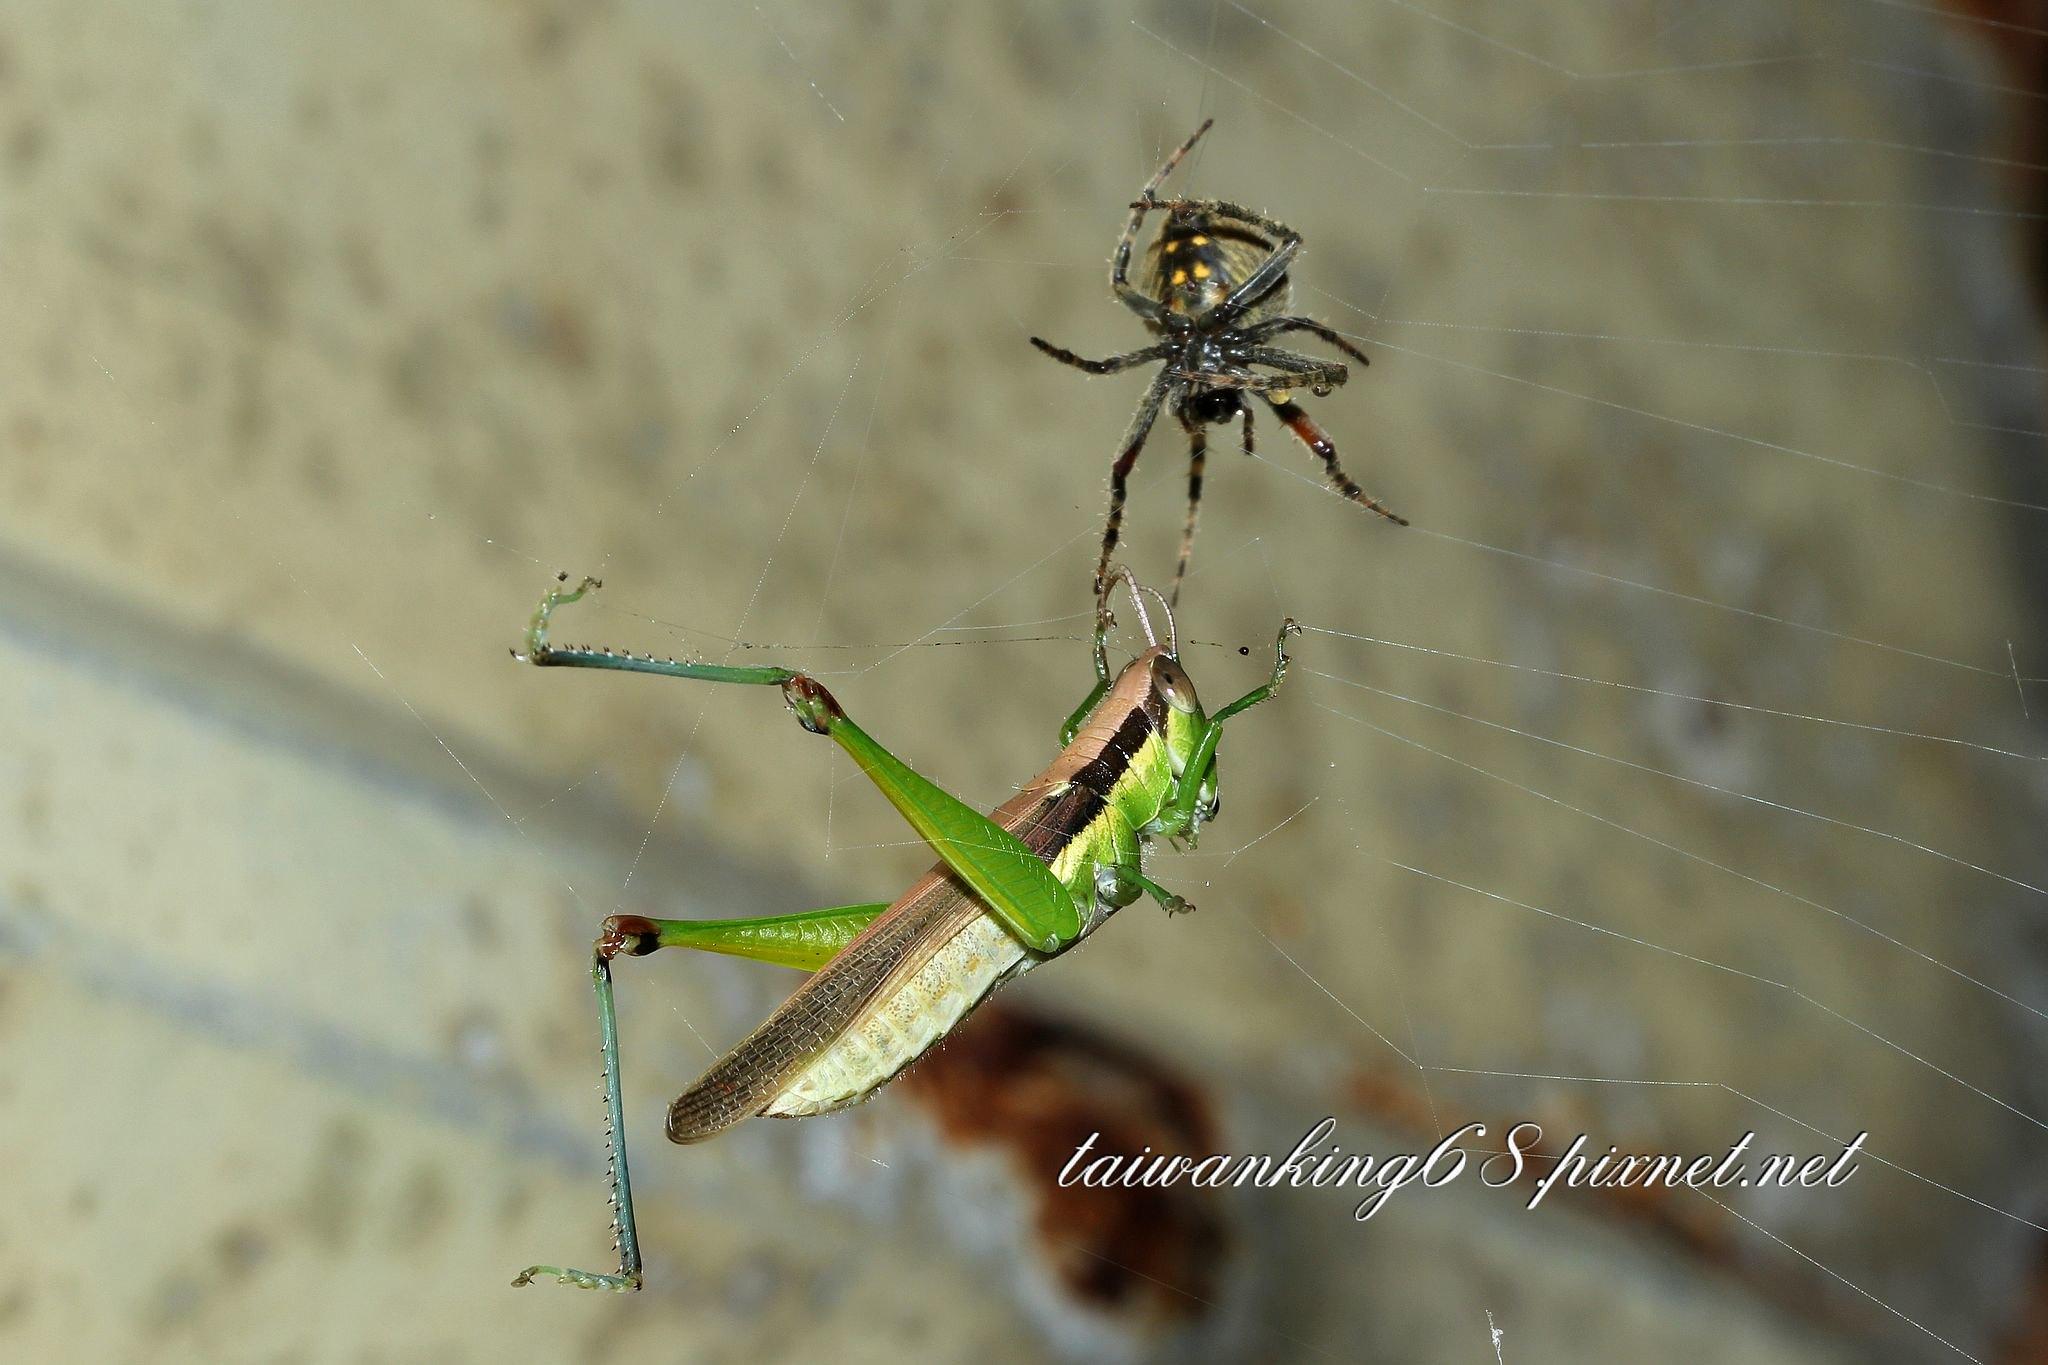 雌茶色姬鬼蛛捕獲一隻台灣稻蝗